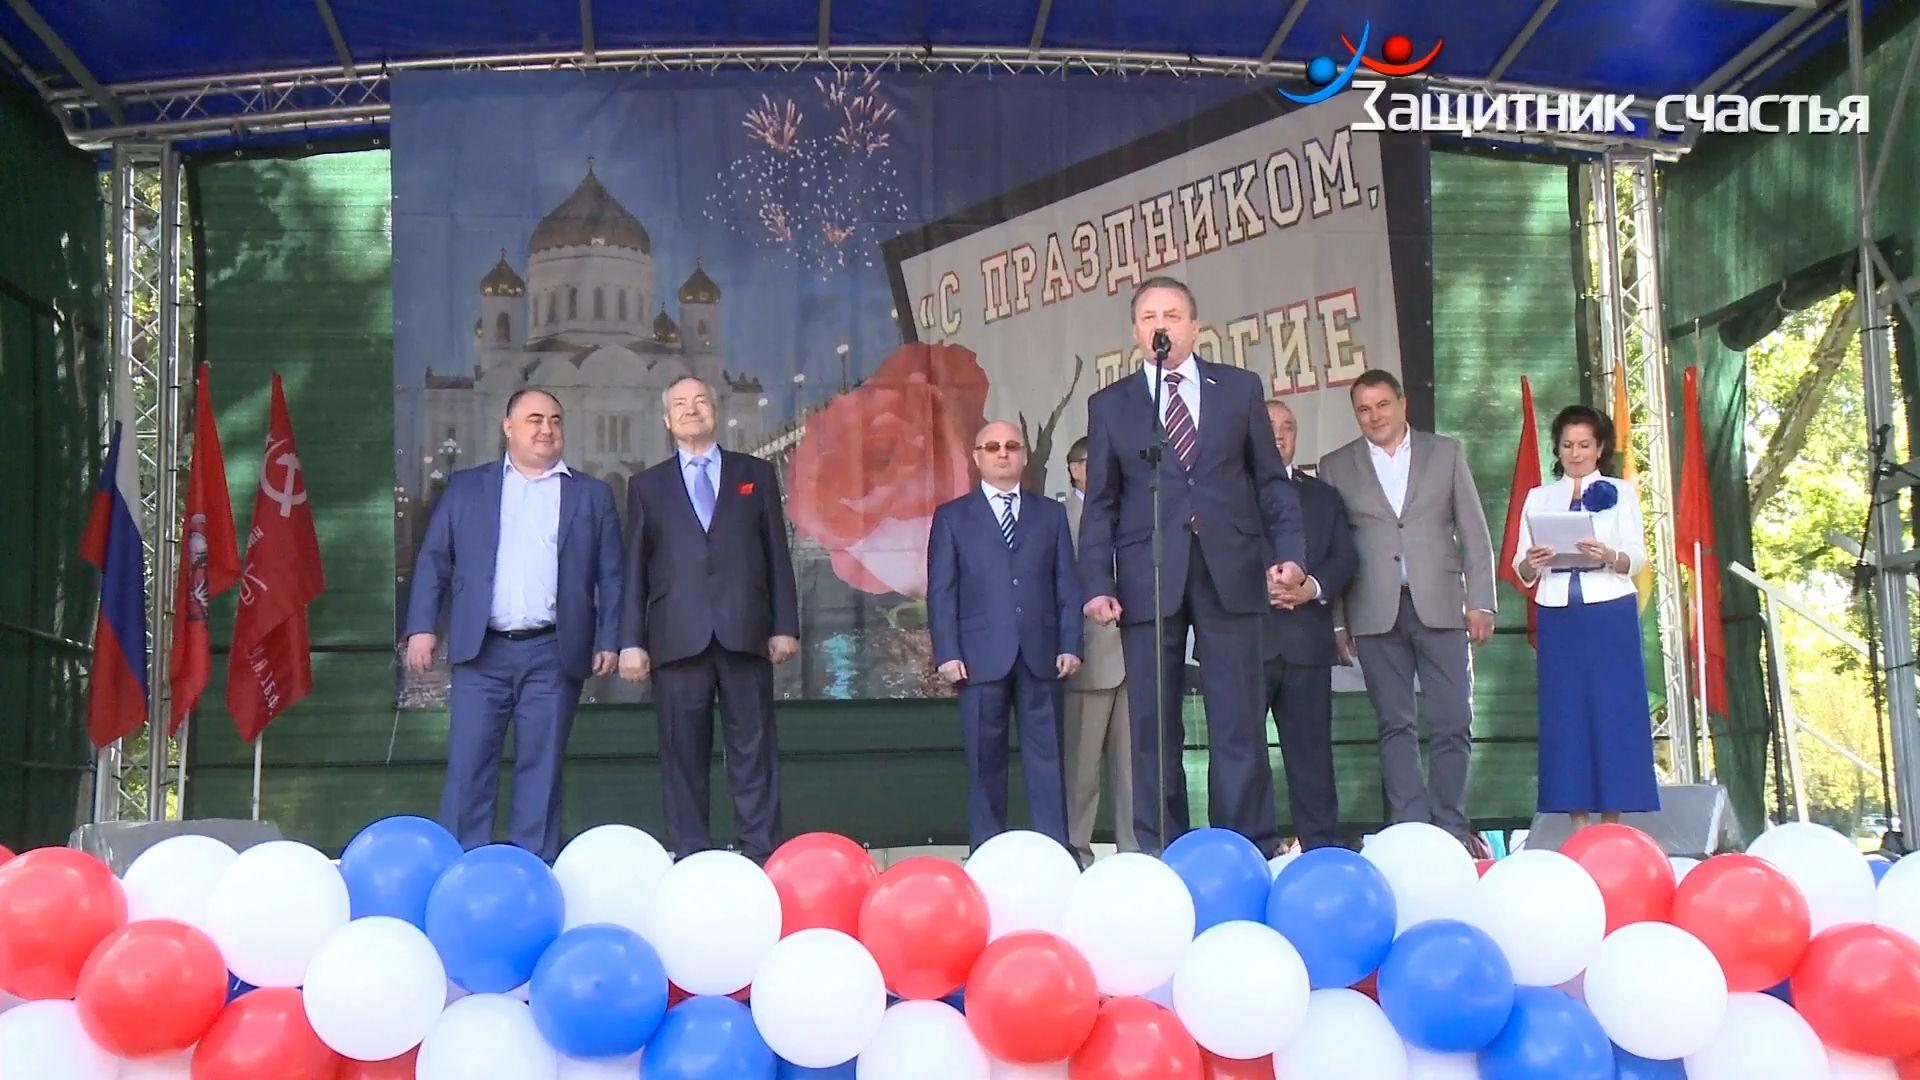 Большой праздник в Рязанском районе (10 сентября, открытие Аллеи Славы и День города)